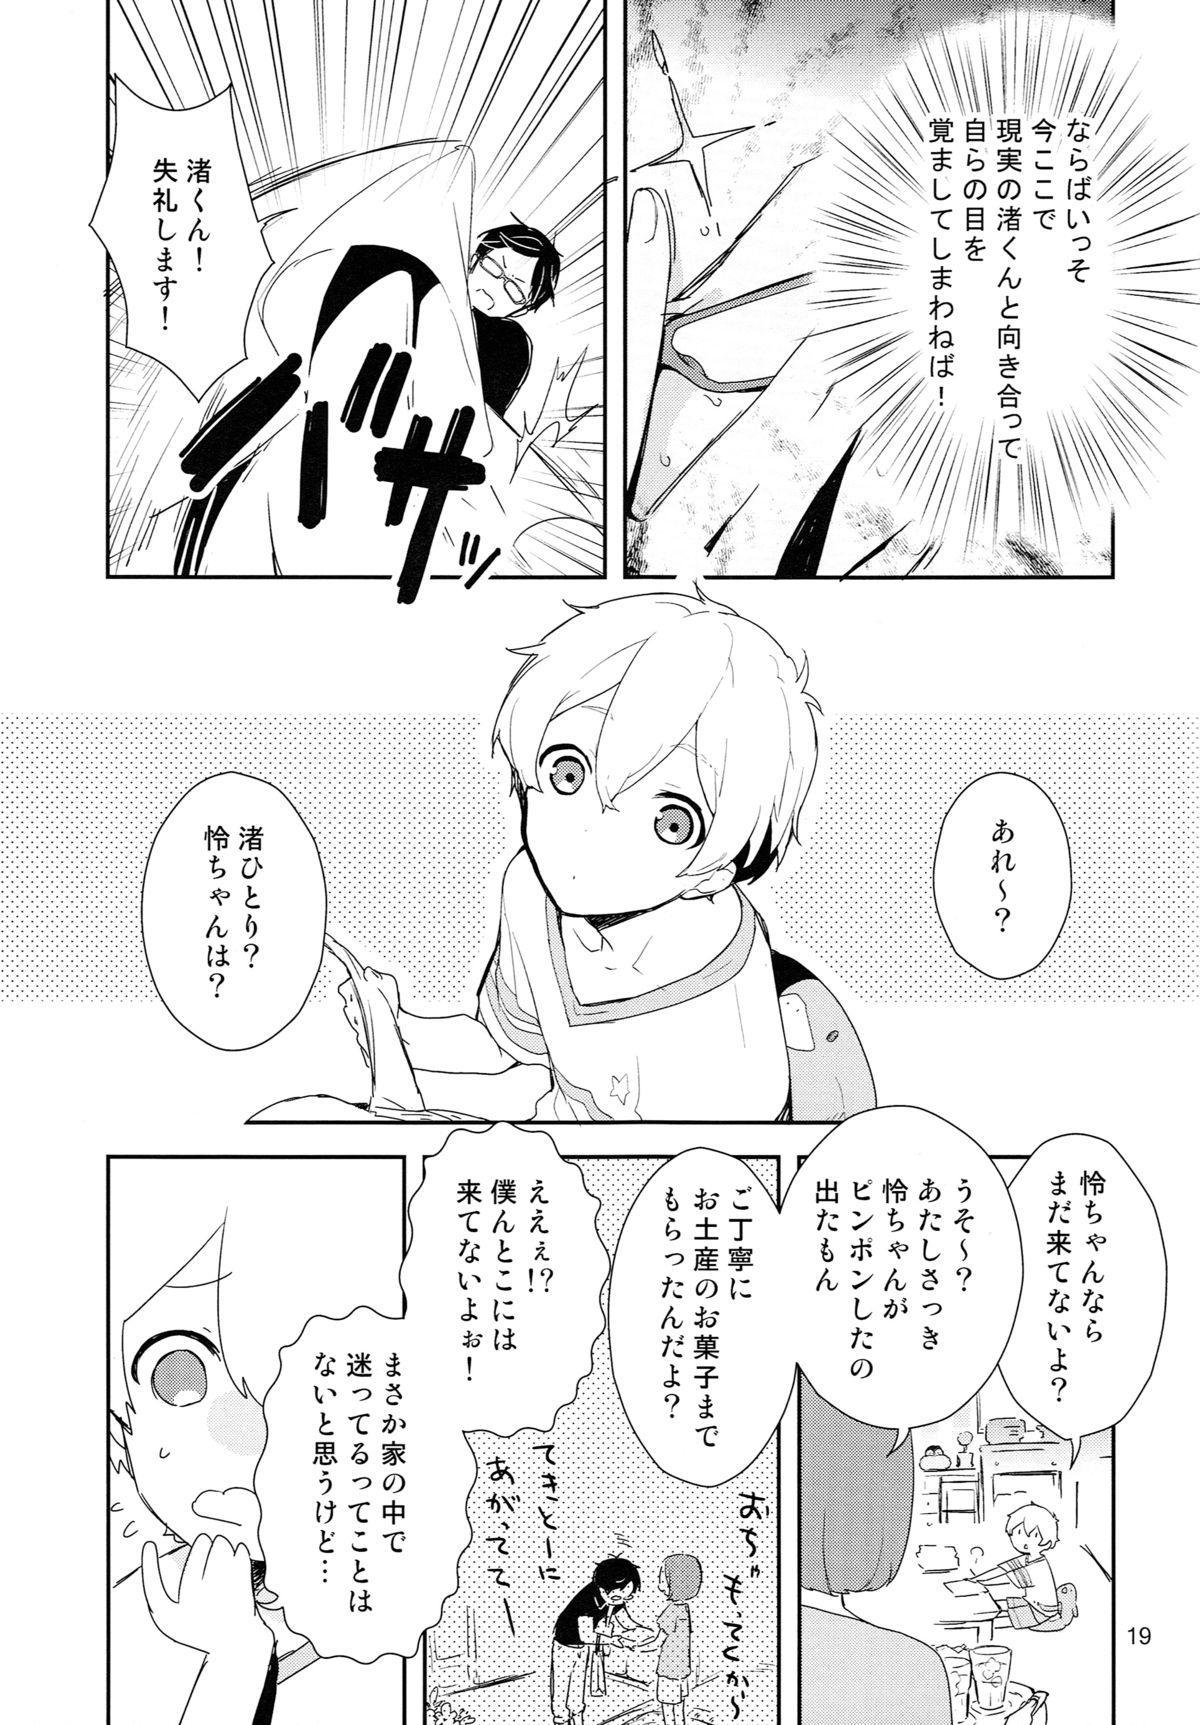 Ryuugazaki nanigashi wa seiyoku wo moteamashite iru. 18